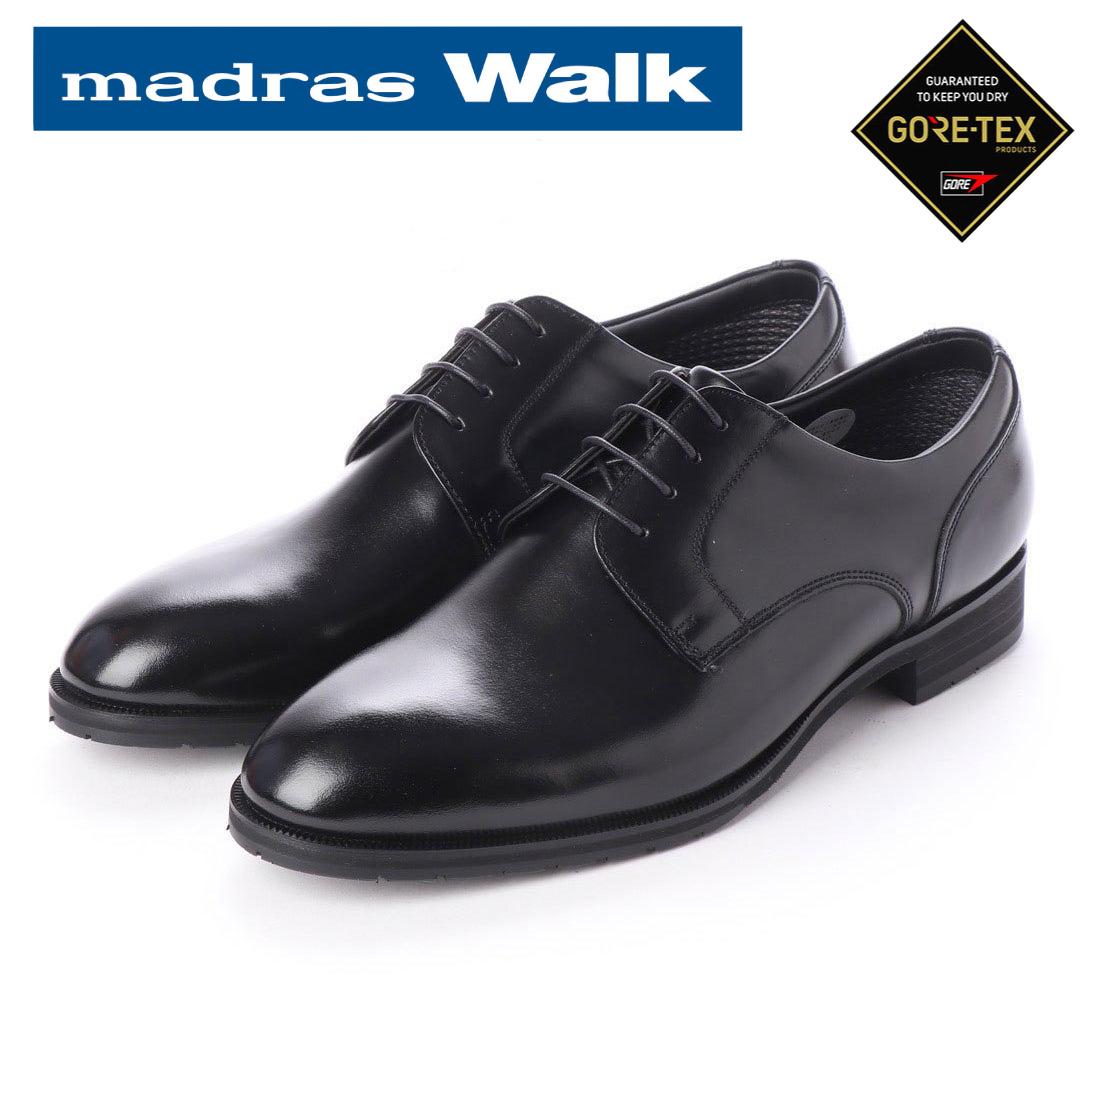 マドラスウォーク madras Walk ゴアテックス 外羽根 プレーントゥ ビジネスシューズ 防水 【nesh】 【新品】